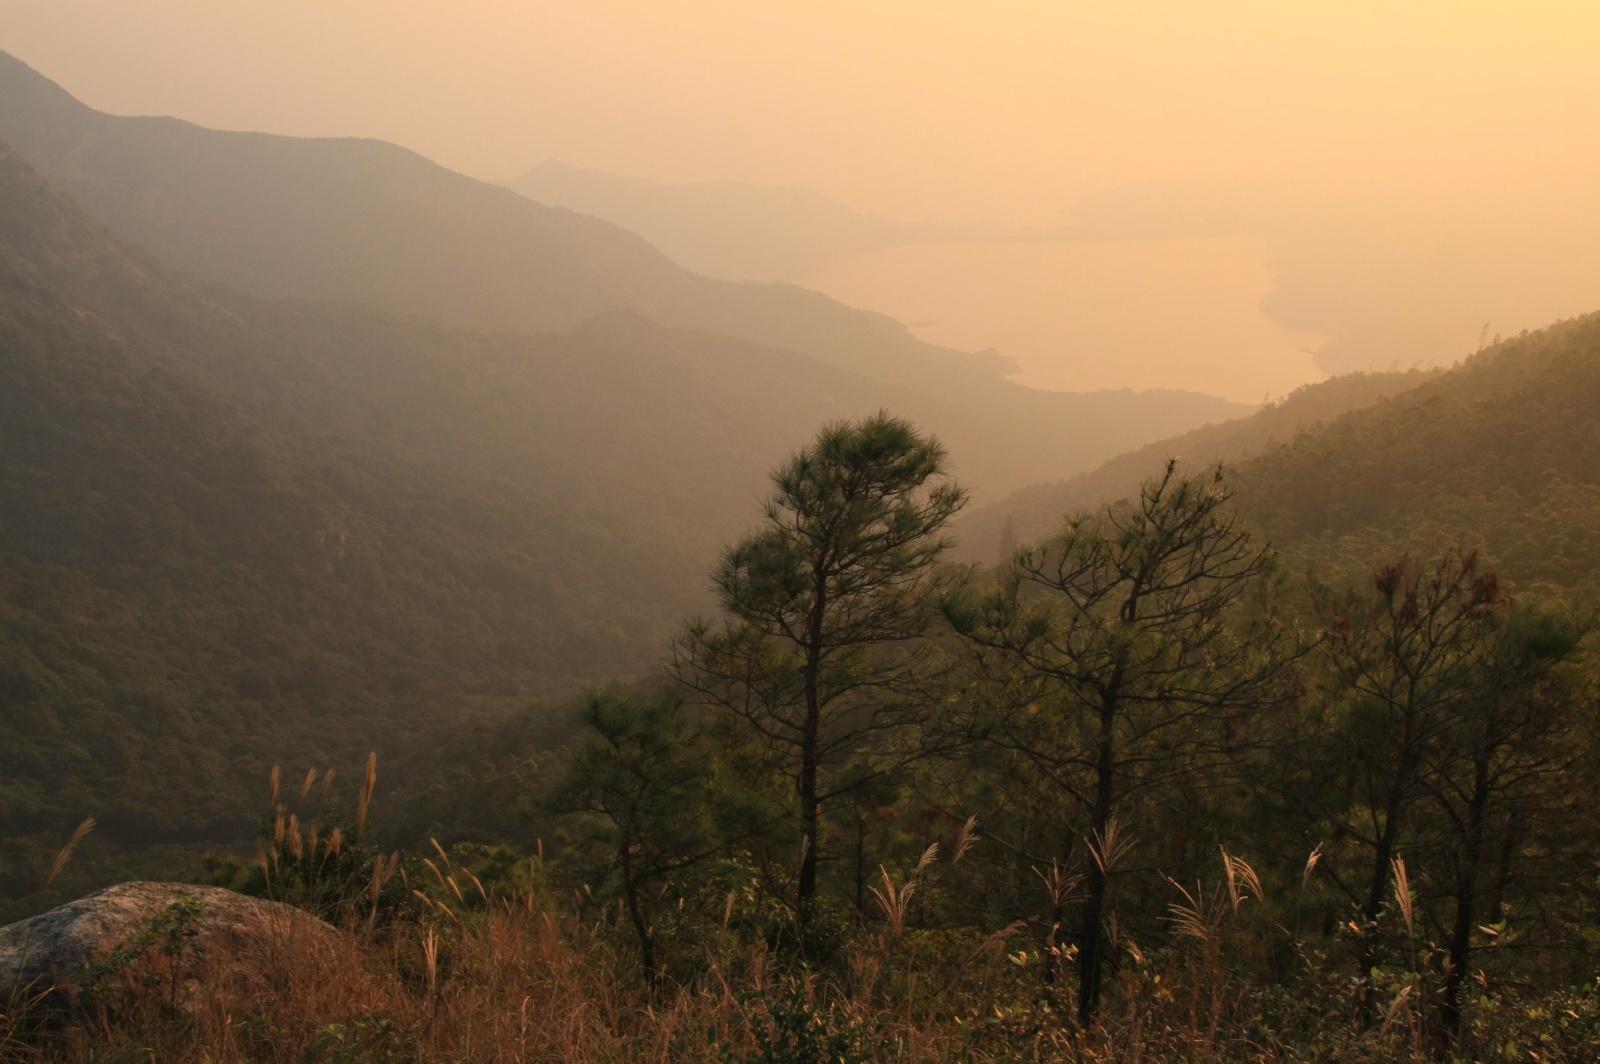 Lantau island has great hiking trails